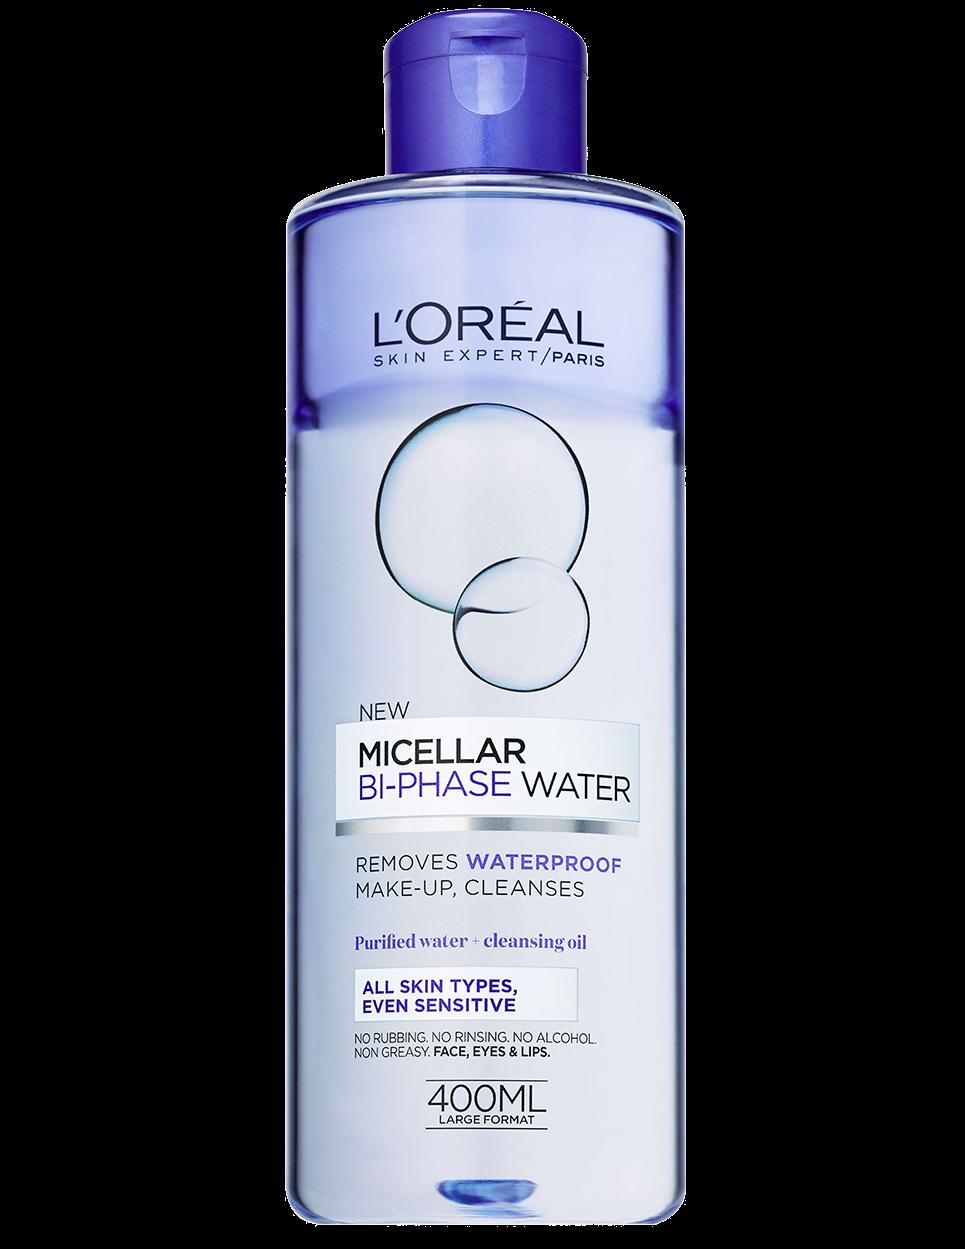 Skin clipart cleansing. Bi phase micellar water